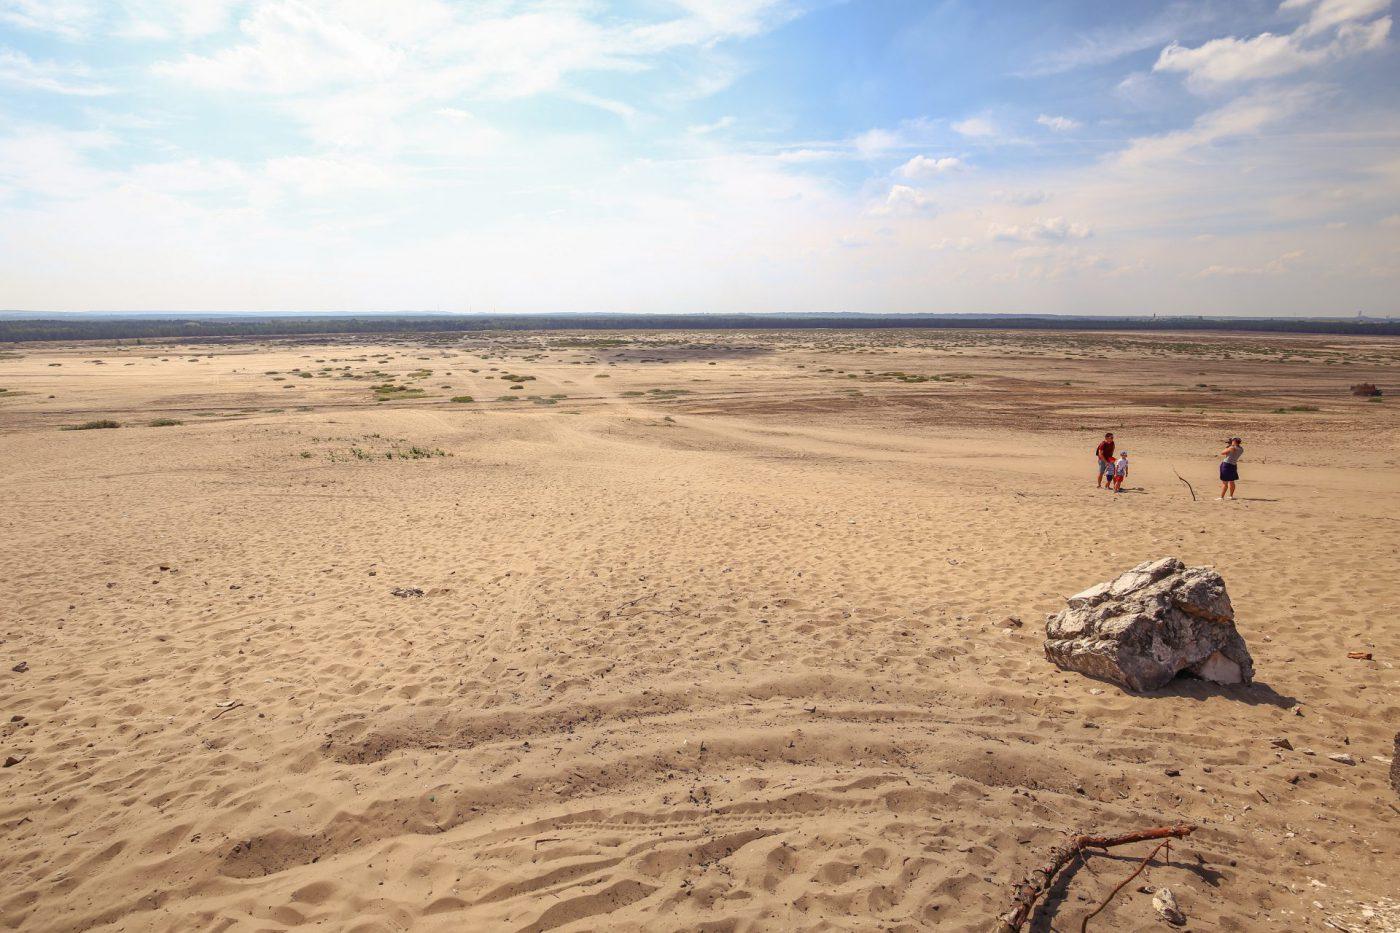 pustynia-b%C5%82%C4%99dowska-shutterstoc